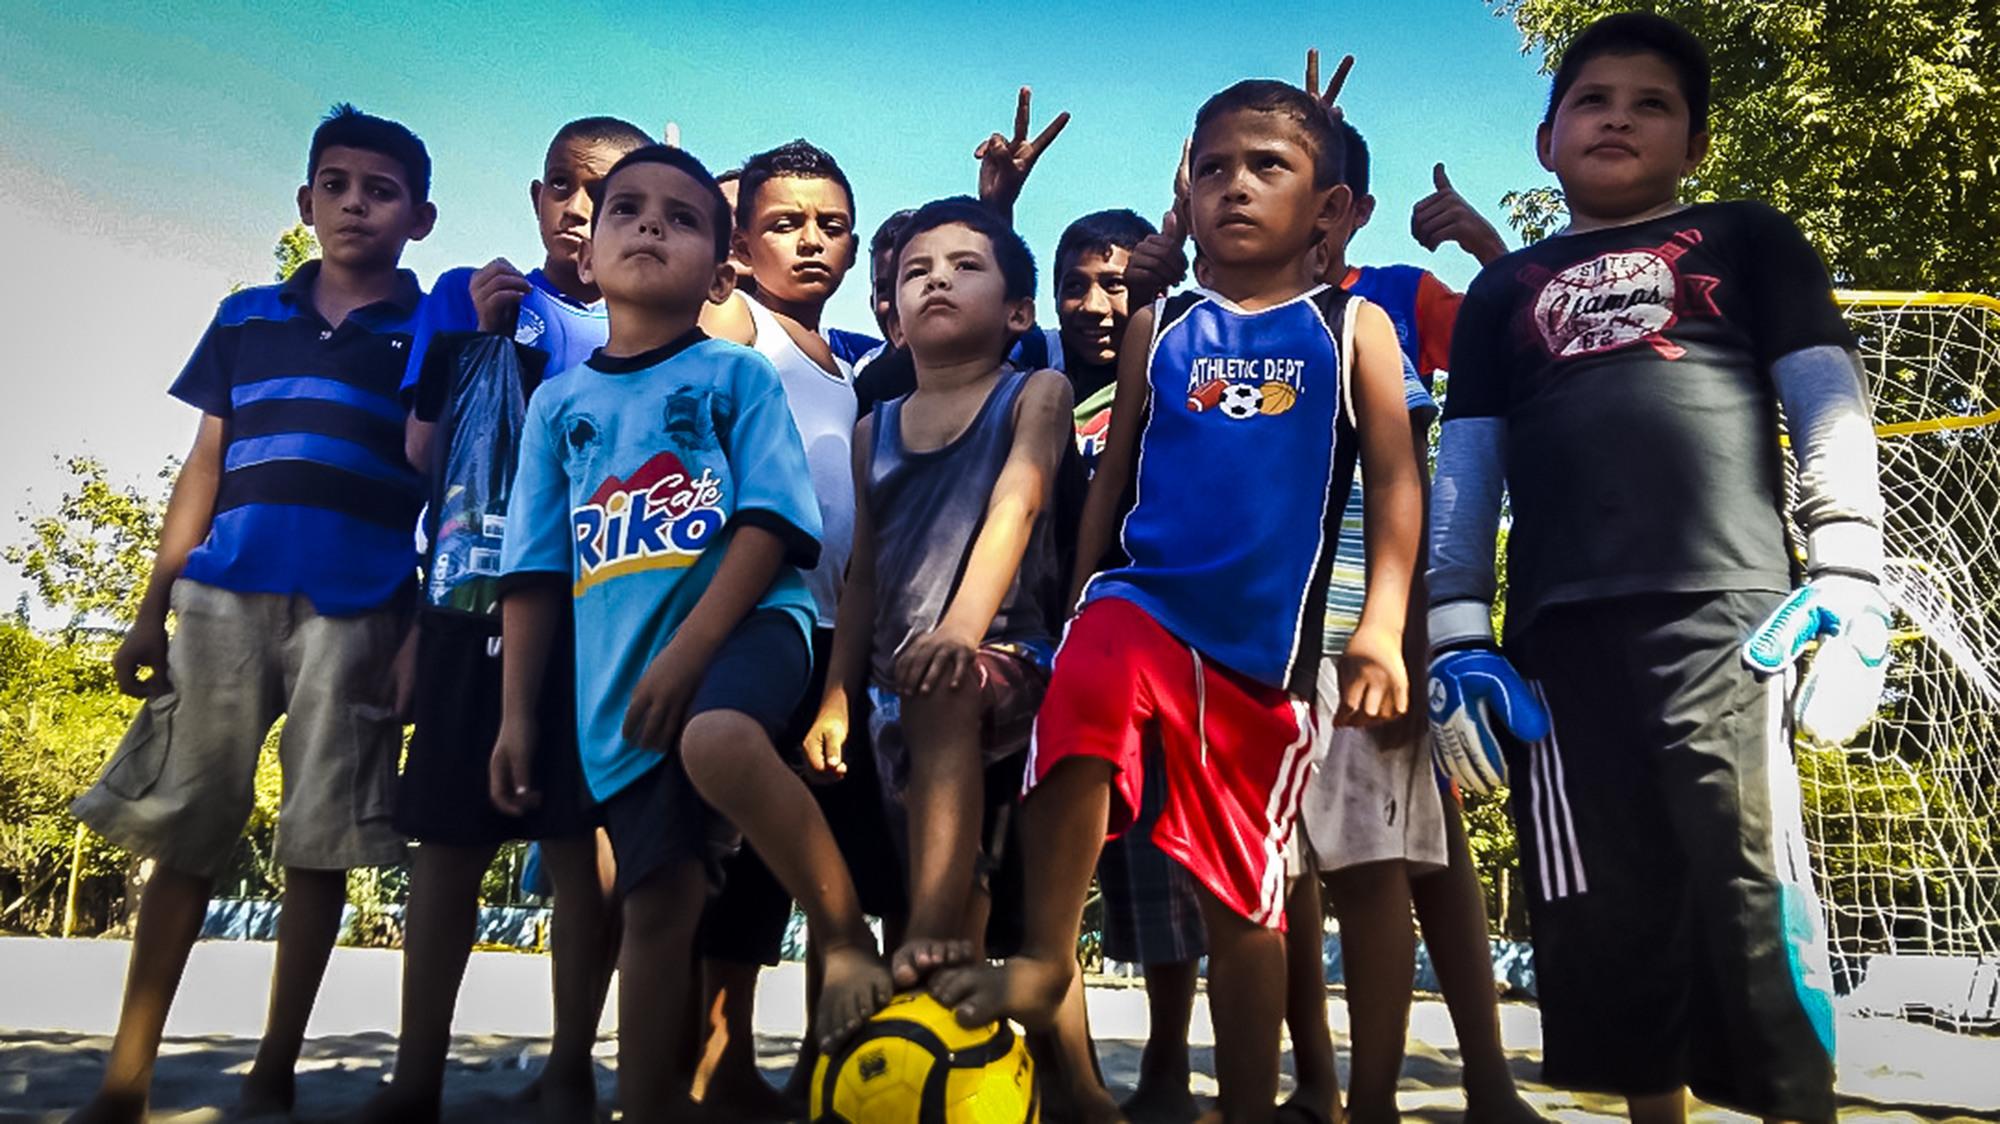 Un grupo de niños residentes en la Isla La Pirraya, cuna de la Selección de Fútbol Playa de El Salvador, forman equipo para poder llegar a ser campeones como lo han sido los pescadores que nos representan en este deporte. Foto FACTUM/Bryan Avelar